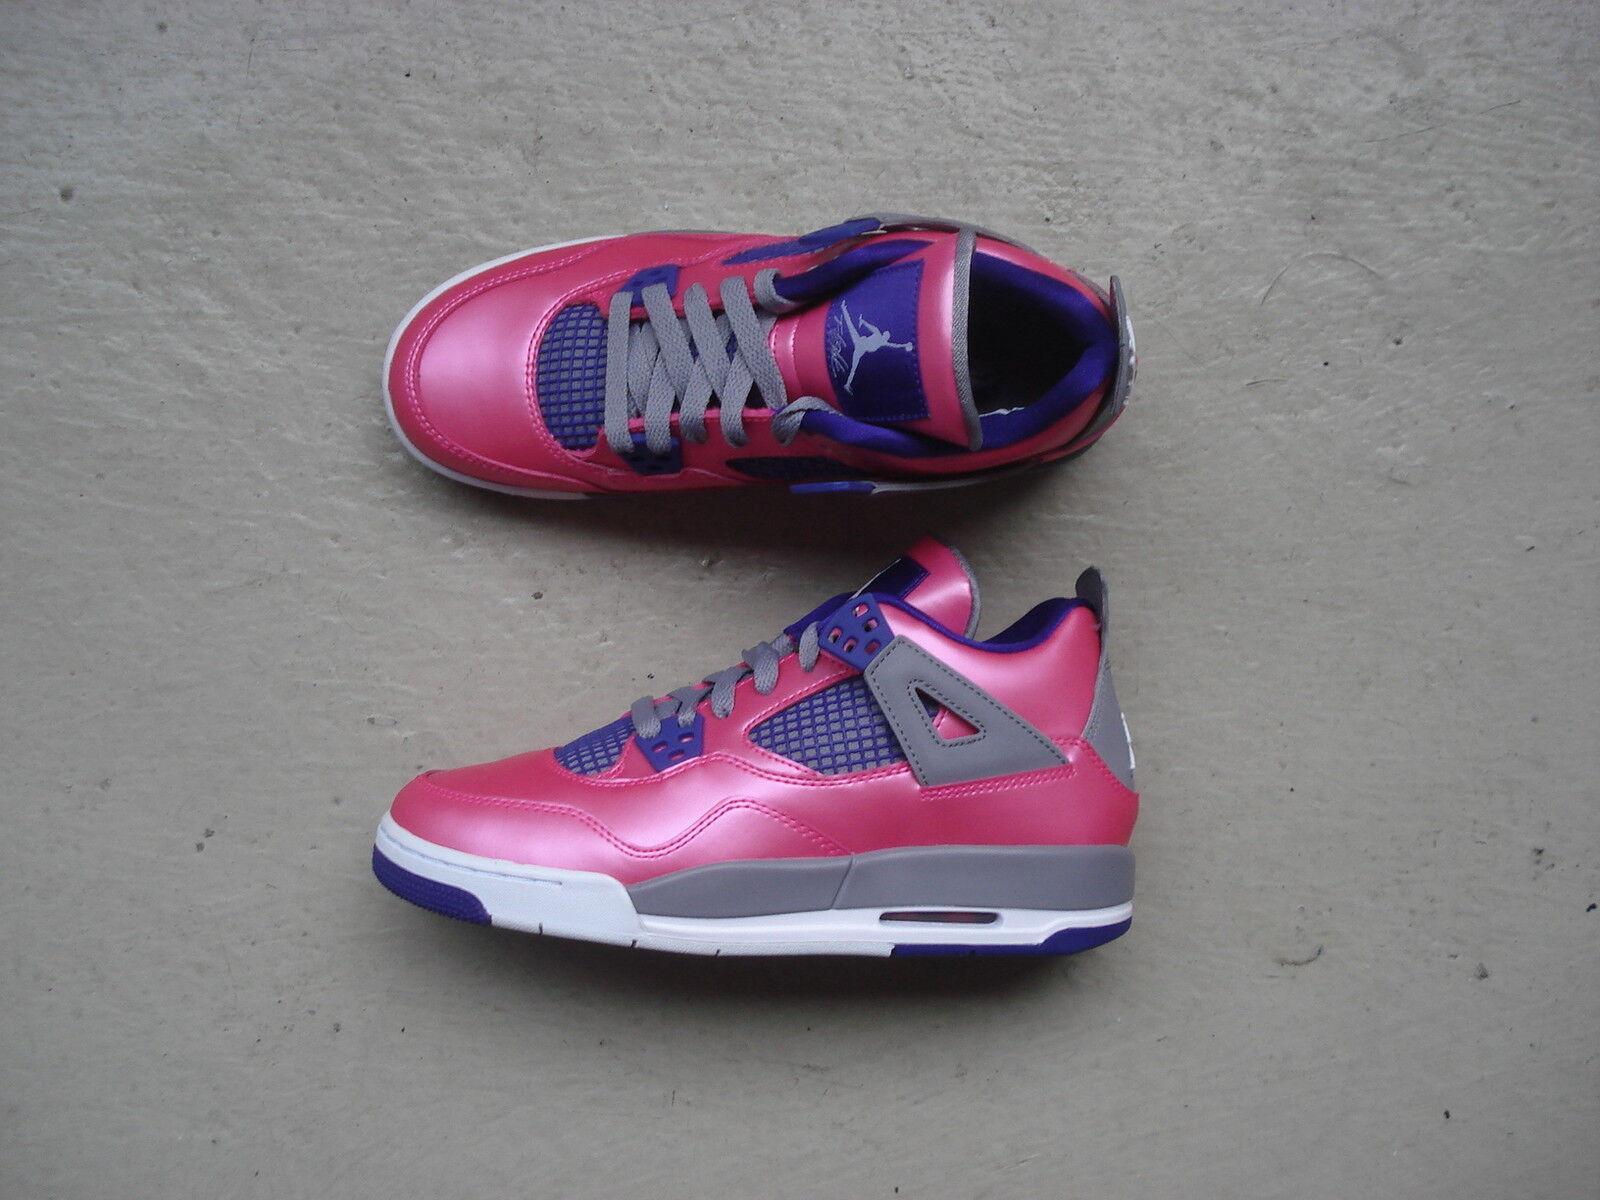 femmes  Nike Air Jordan 4/IV GS 38 rose Foil/ blanc -Cement Gris -Electric Violet